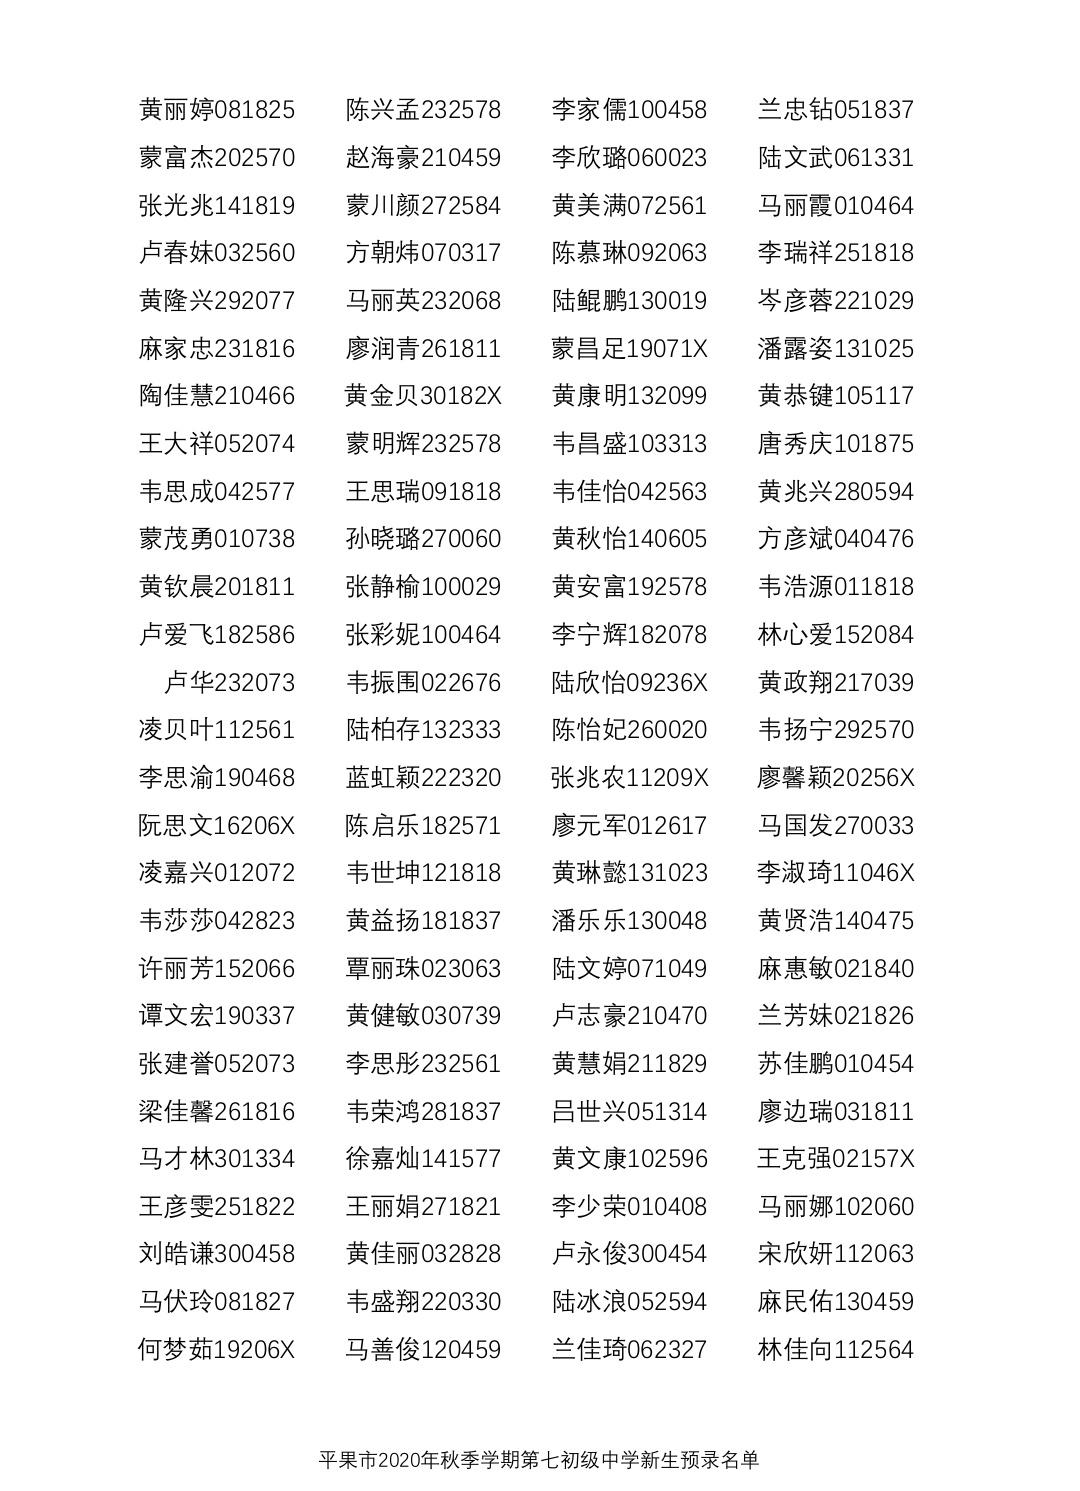 微信图片_20200730081832.jpg